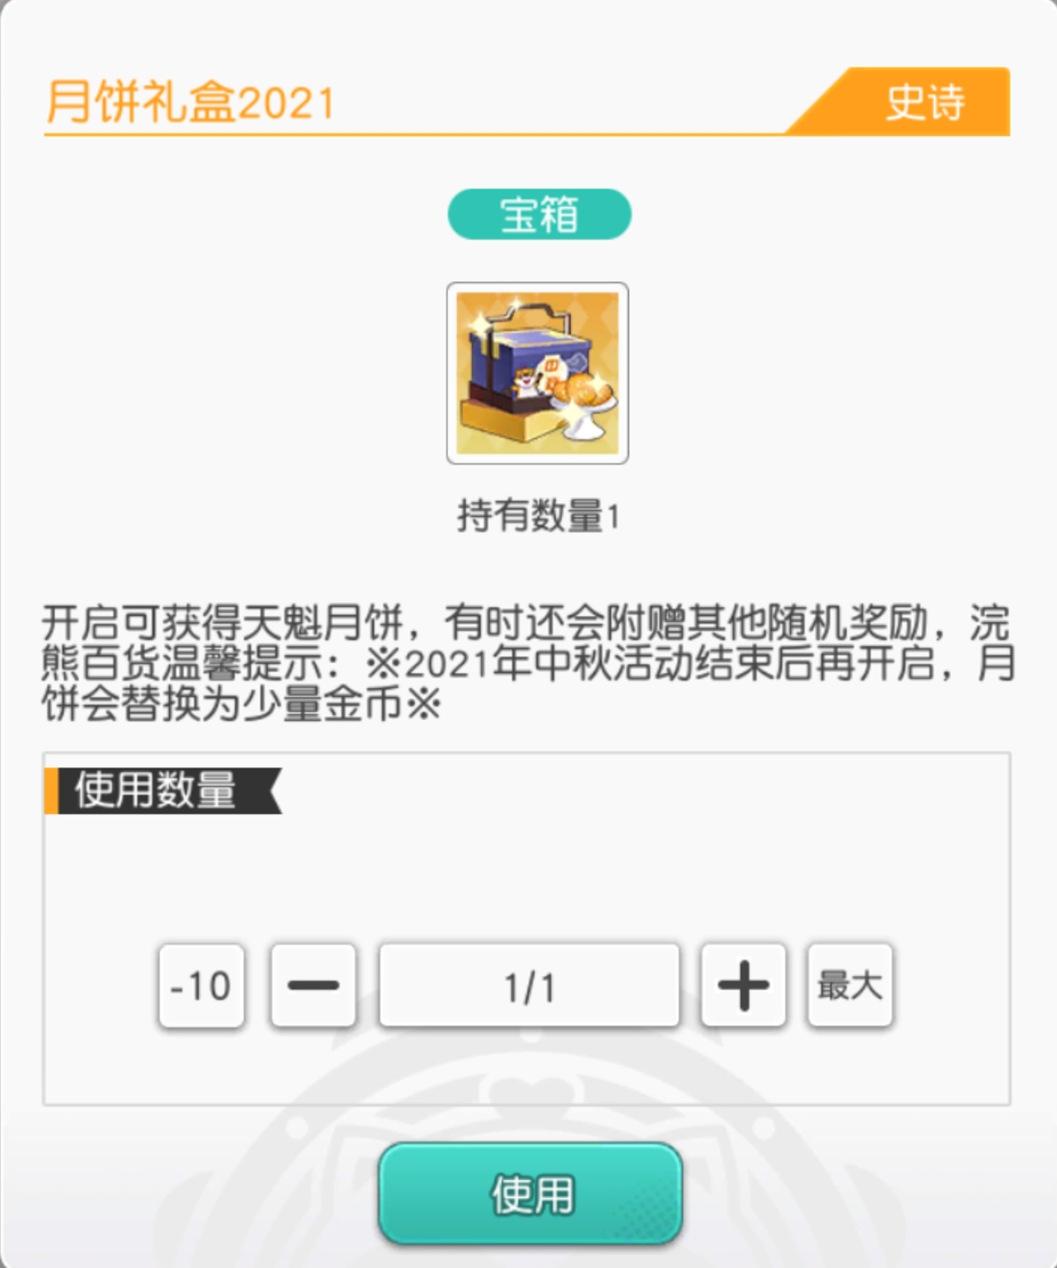 汴京战纪新玩法《小浣熊百将传》全新版本喜迎中秋